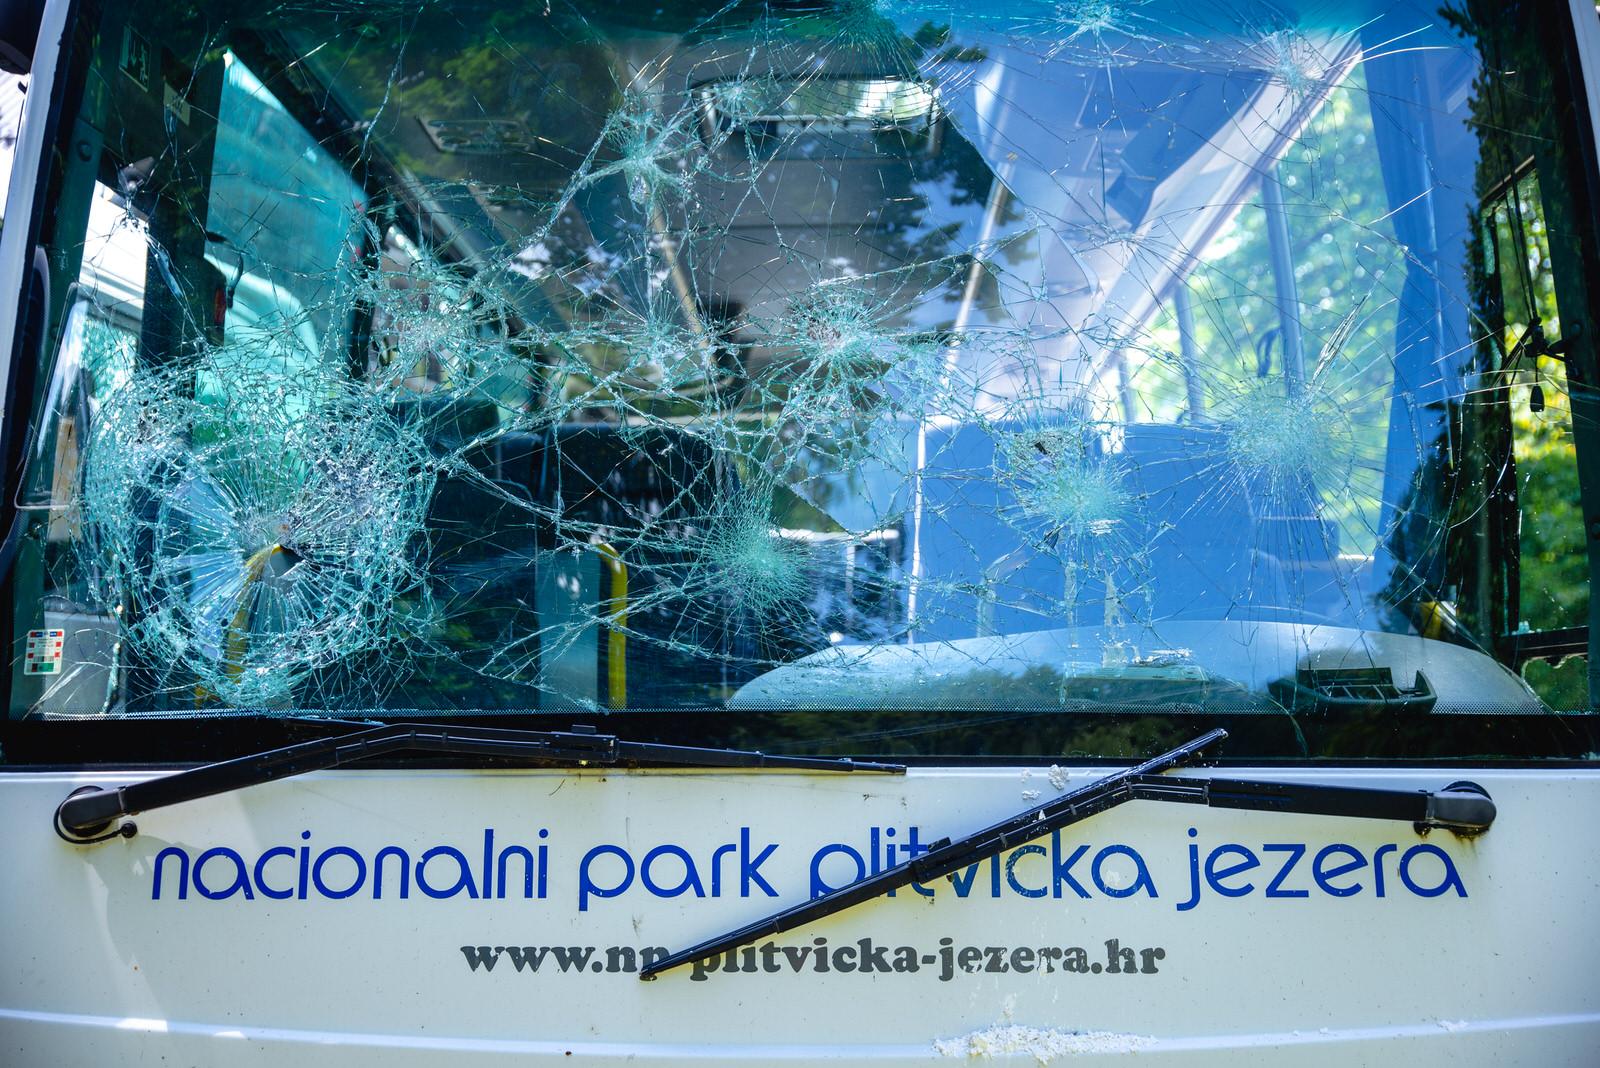 likaclub_autobusi plitvička jezera u mukinjama_11_8_2020 (6)